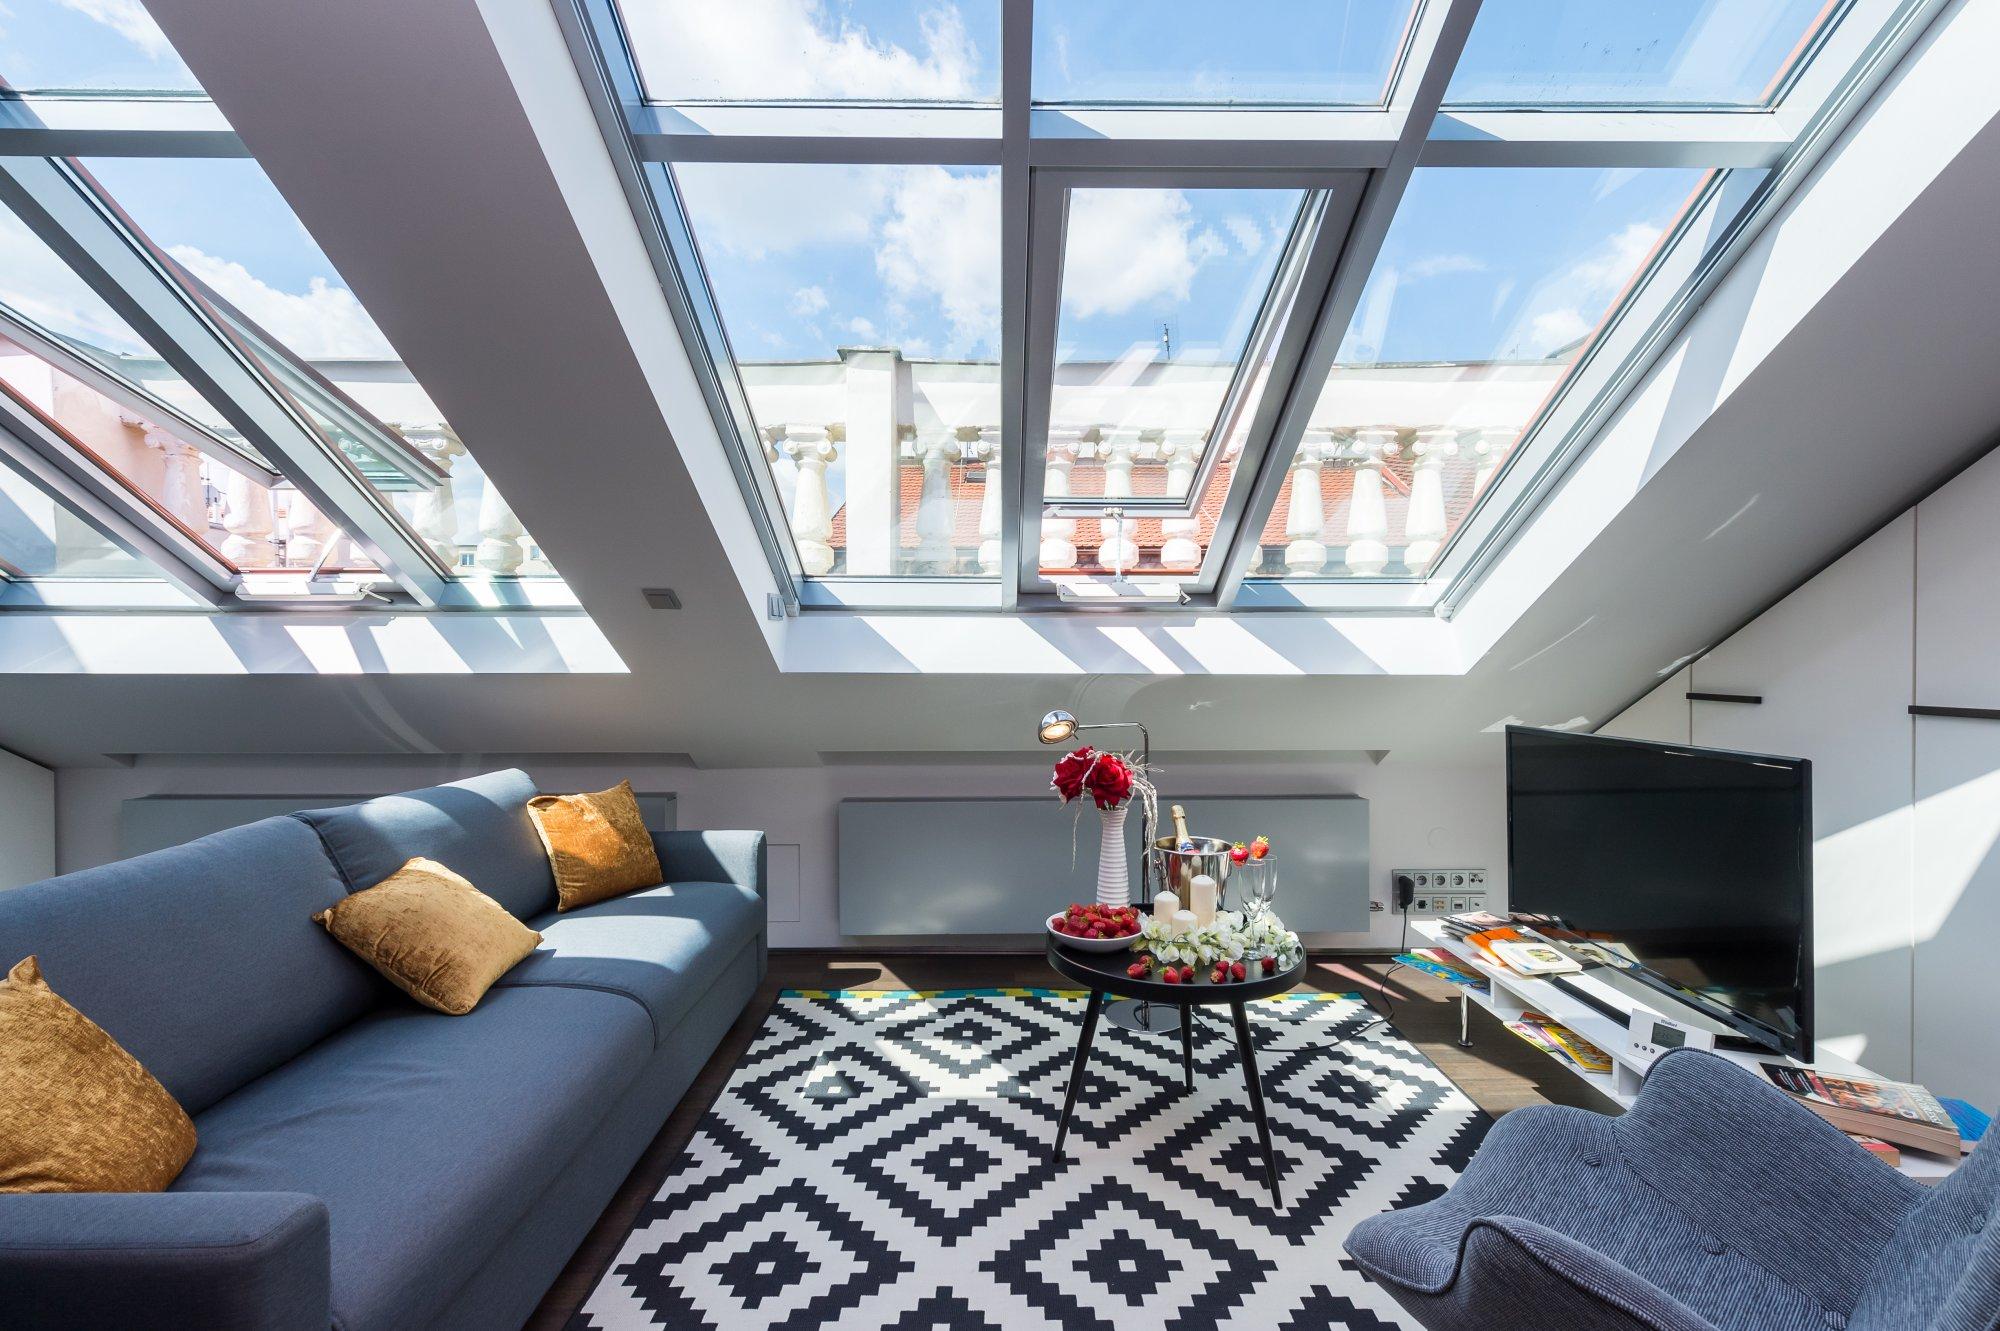 Půdní byt 2+kk, plocha 76 m², ulice Zlatnická, Praha 1 - Nové Město | 2